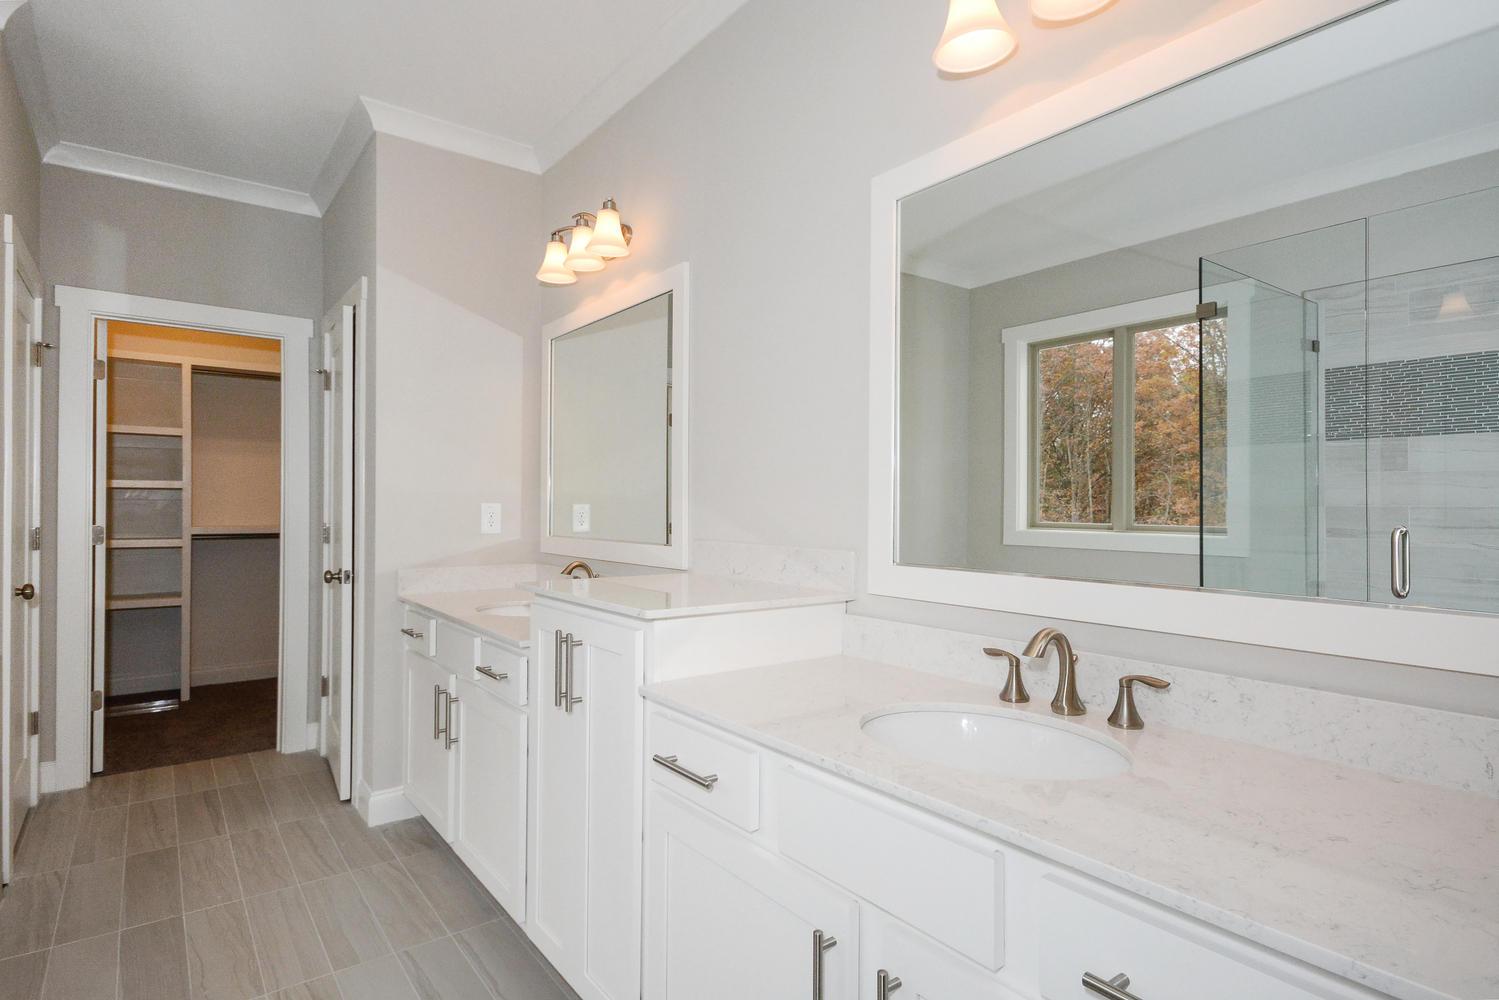 Dunes West Homes For Sale - 2949 Minnow, Mount Pleasant, SC - 9